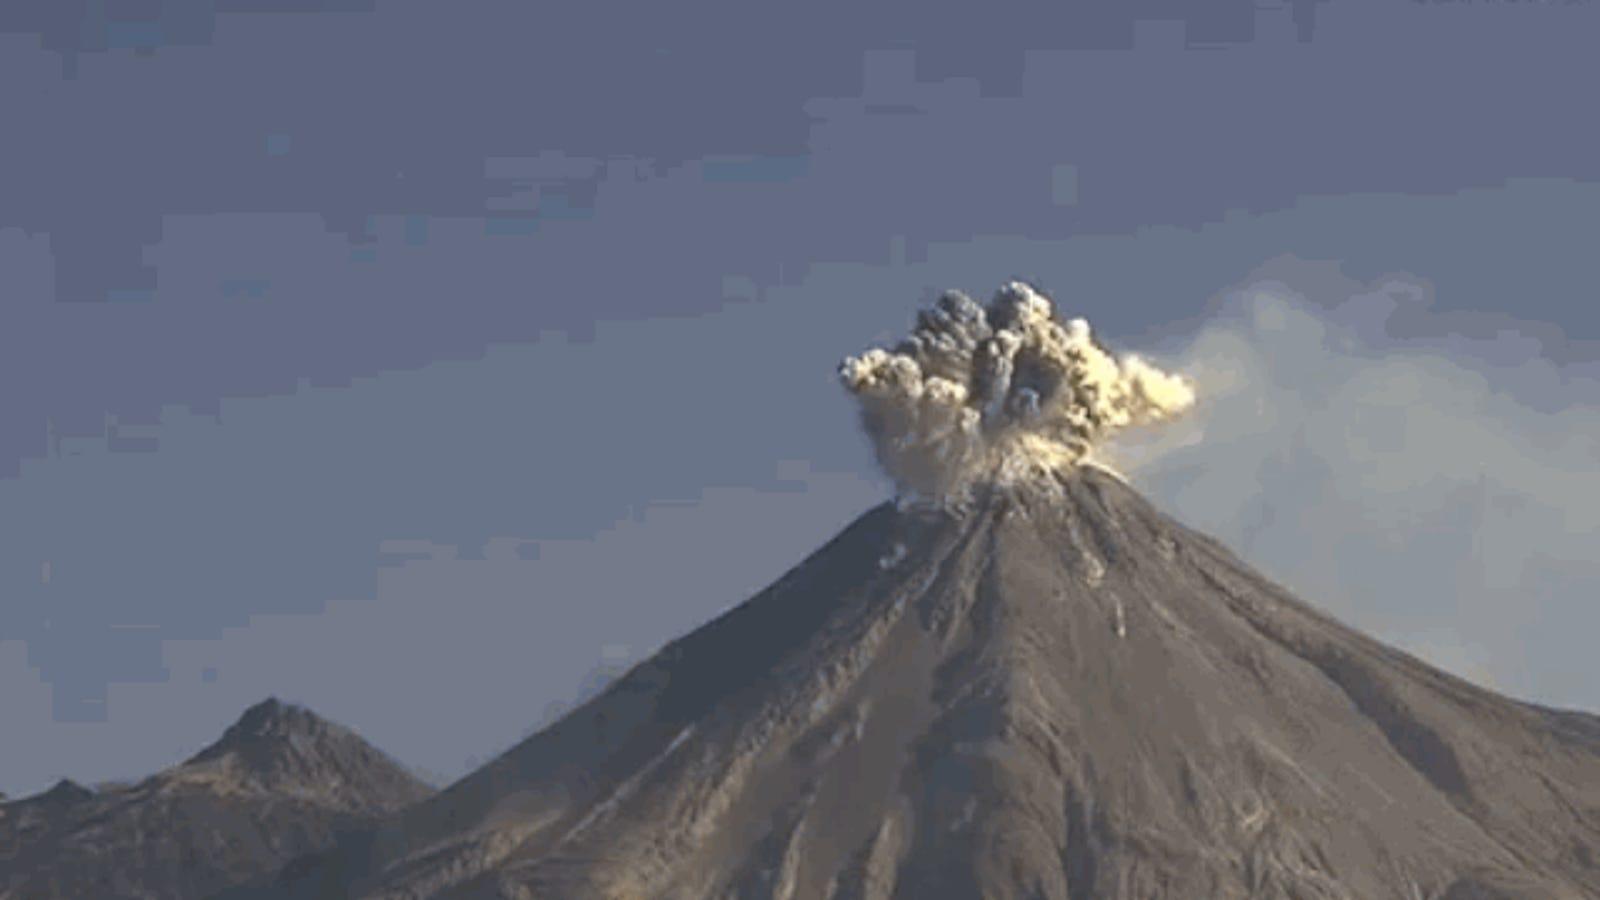 Captan en vídeo una impresionante explosión volcánica en México